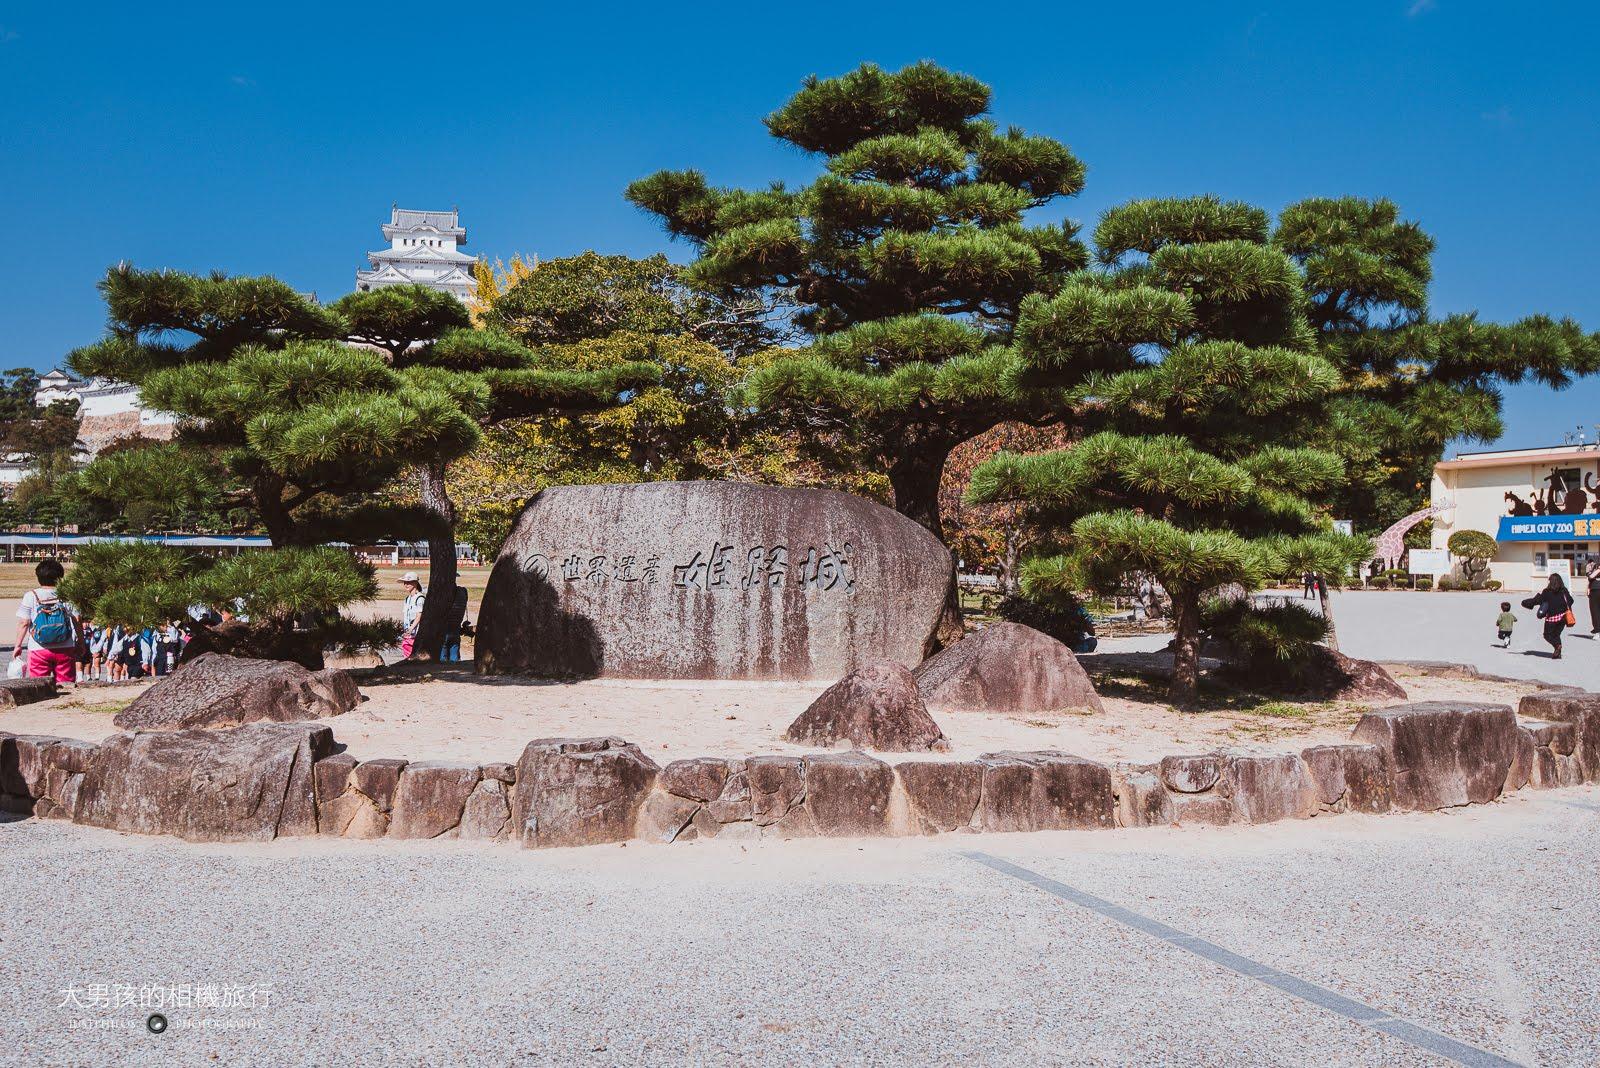 身為第一次造訪姬路城的觀光客來說,拍一下代表性的石碑是不可避免的。